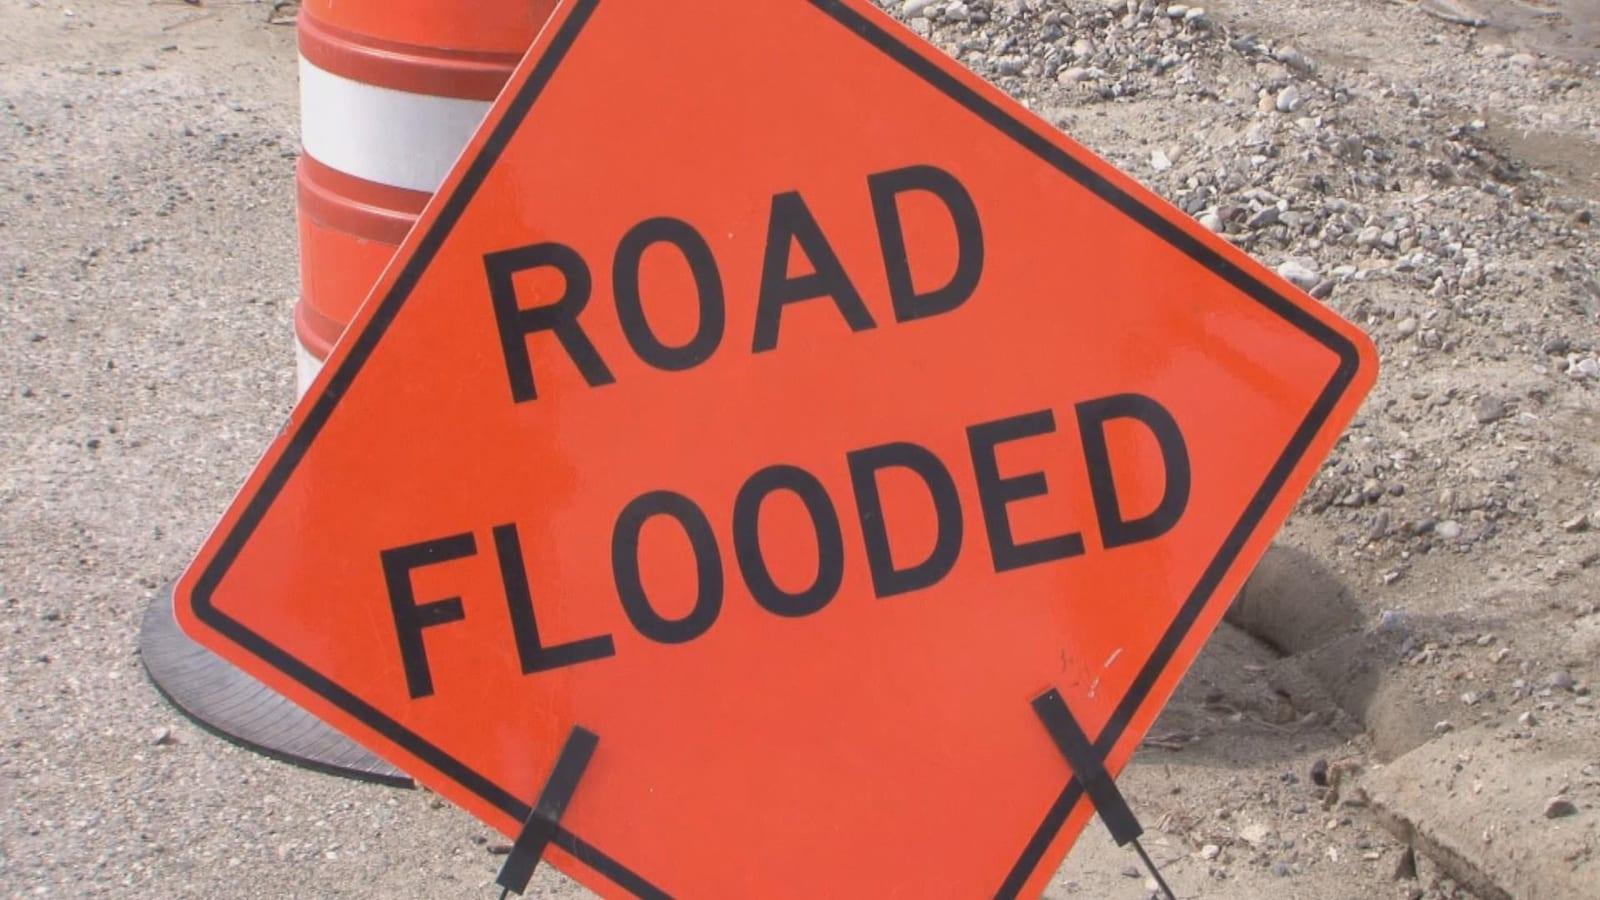 Une pancarte où il est inscrit road flooded, ce qui signifie route inondée.